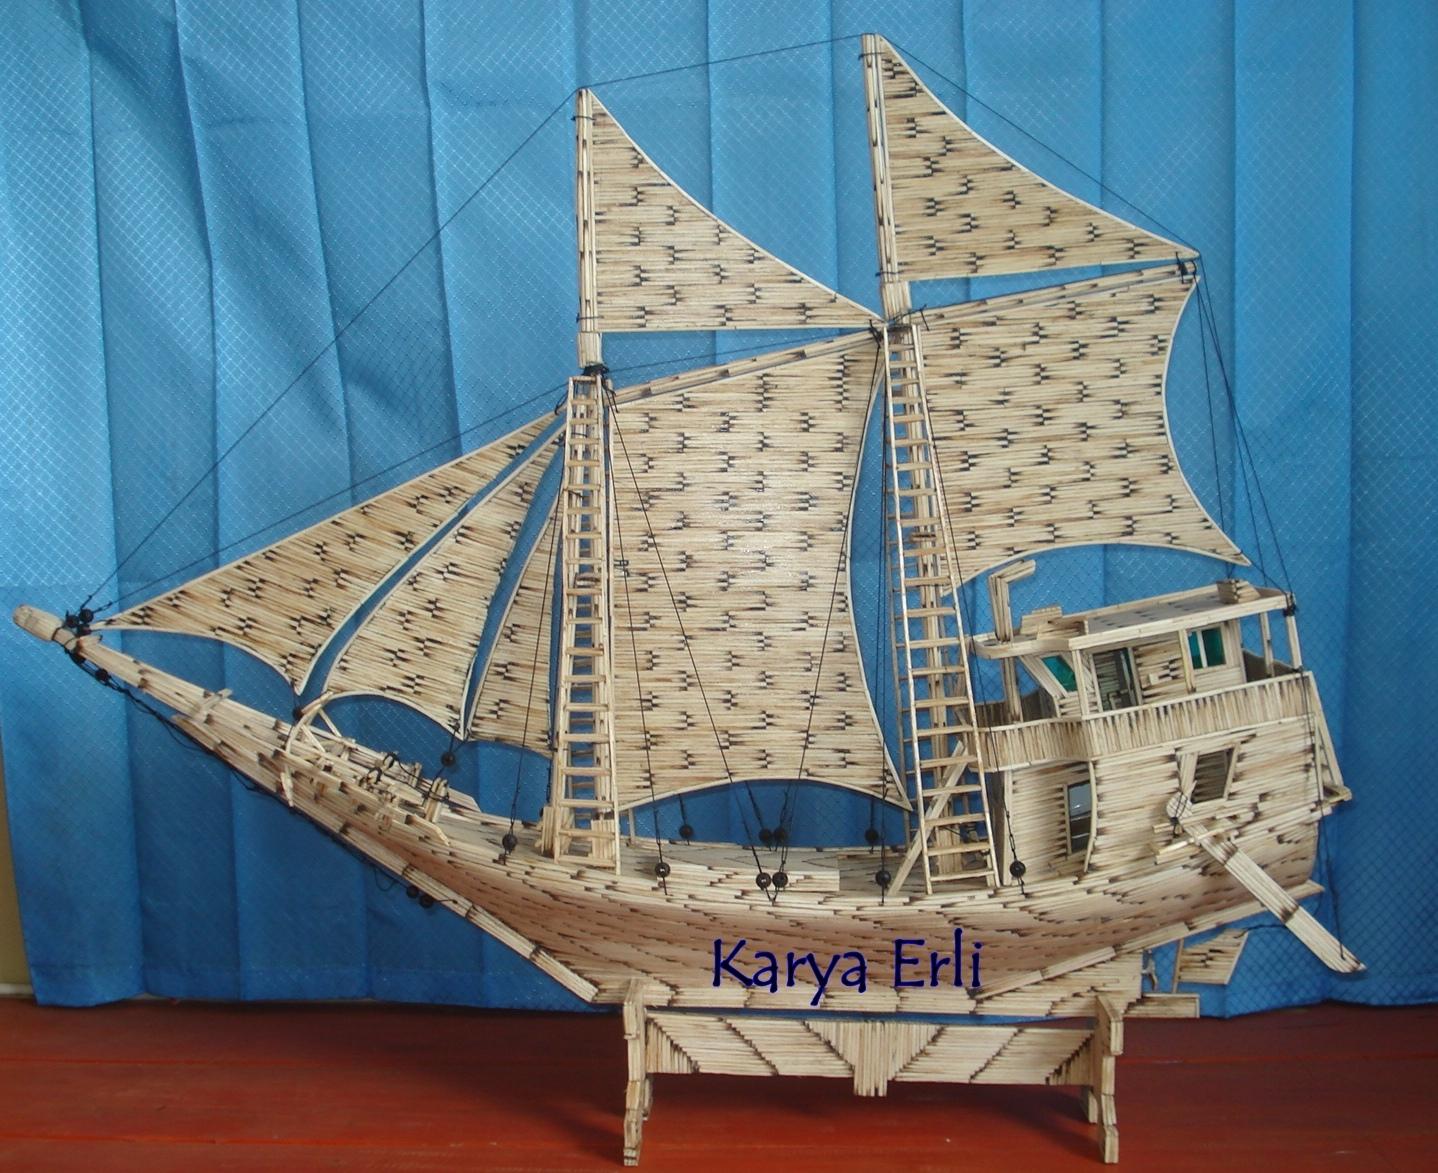 Miniatur Kapal Phinisi Lambo Unik dari Bahan Korek Api Karya Erli